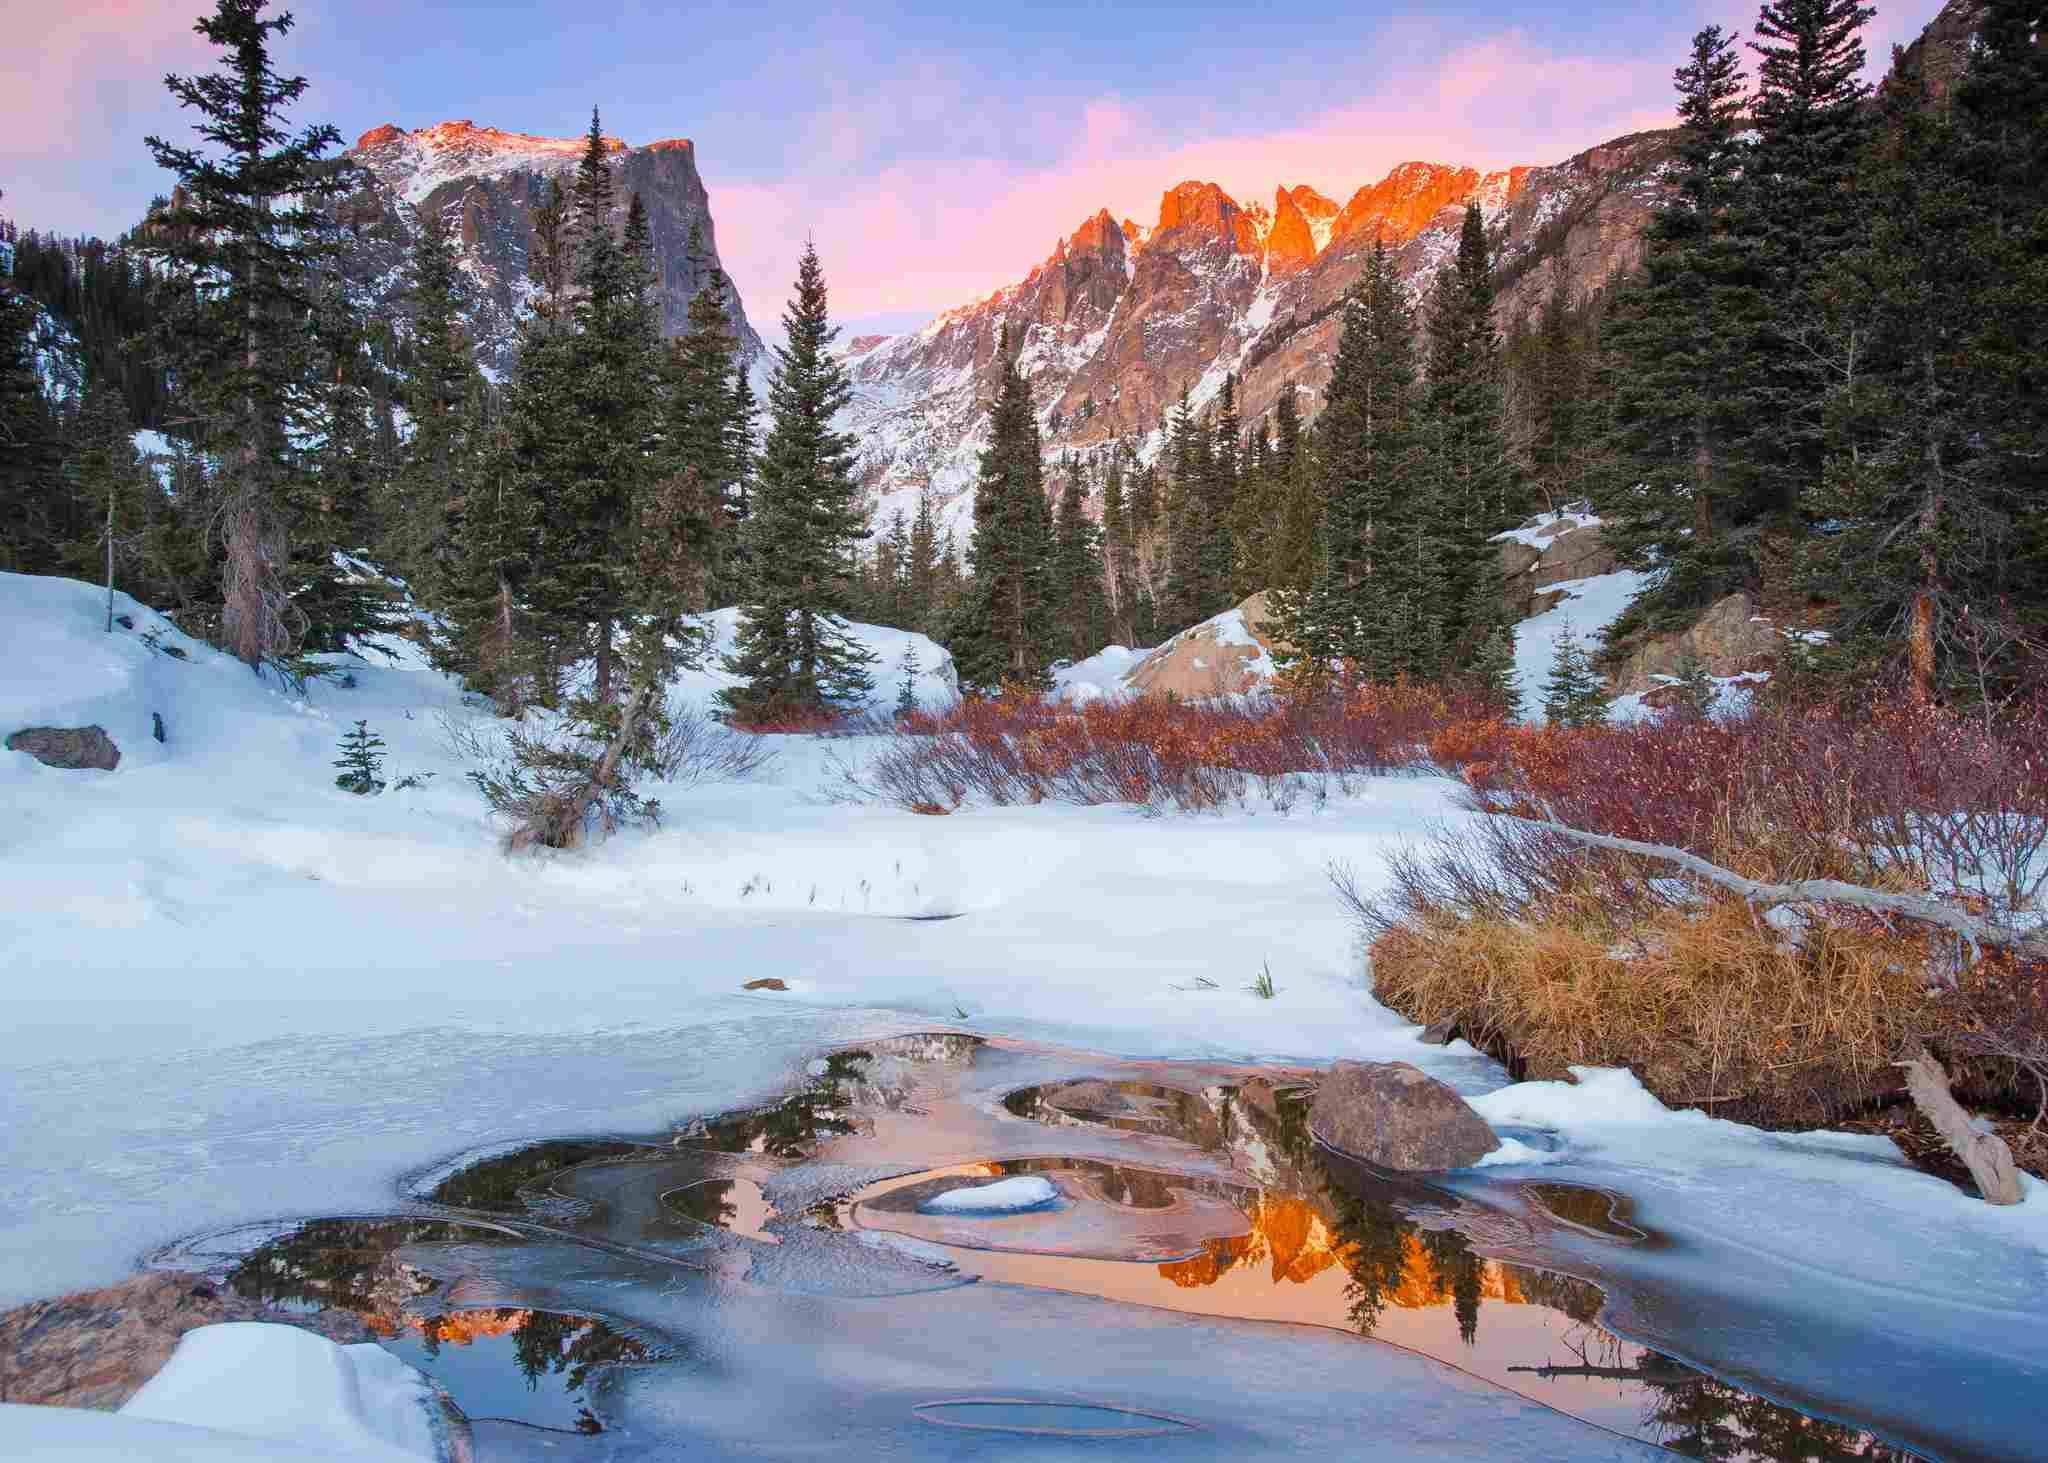 Little stream near Rocky Mountain National Park near Estes Park, CO